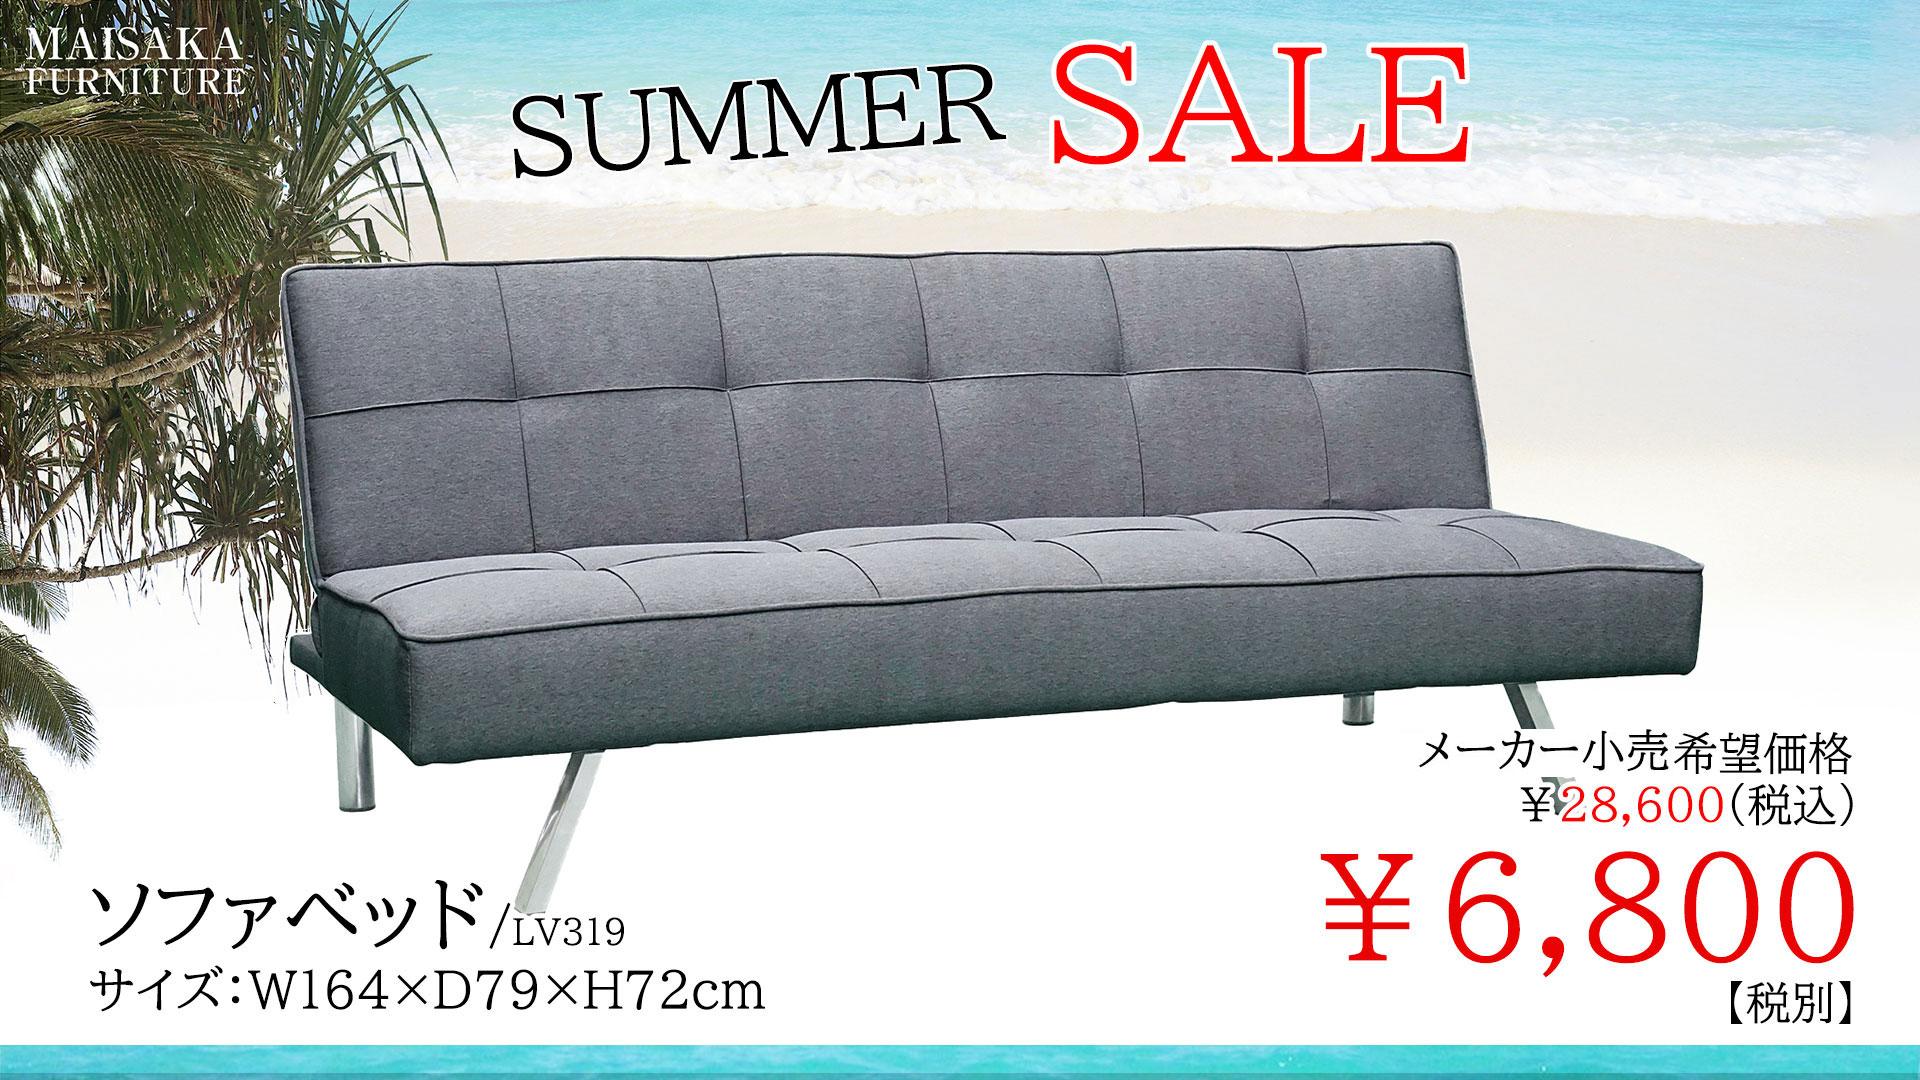 マイサカ家具7月の夏のチラシの目玉商品のソファベッドの画像